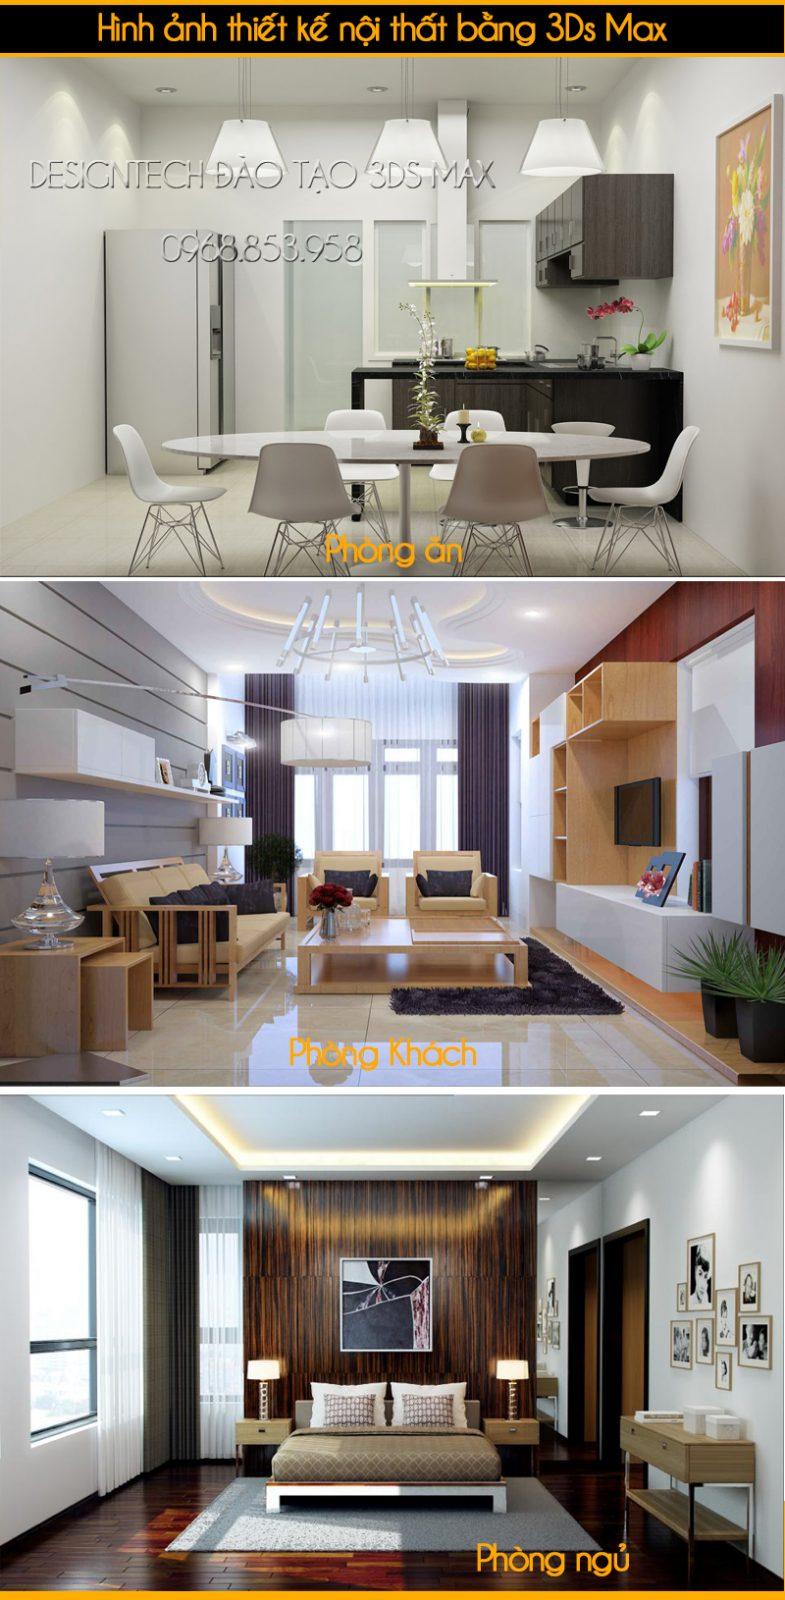 Khóa học đồ họa kiến trúc ở tại Tây Hồ Hà Nội